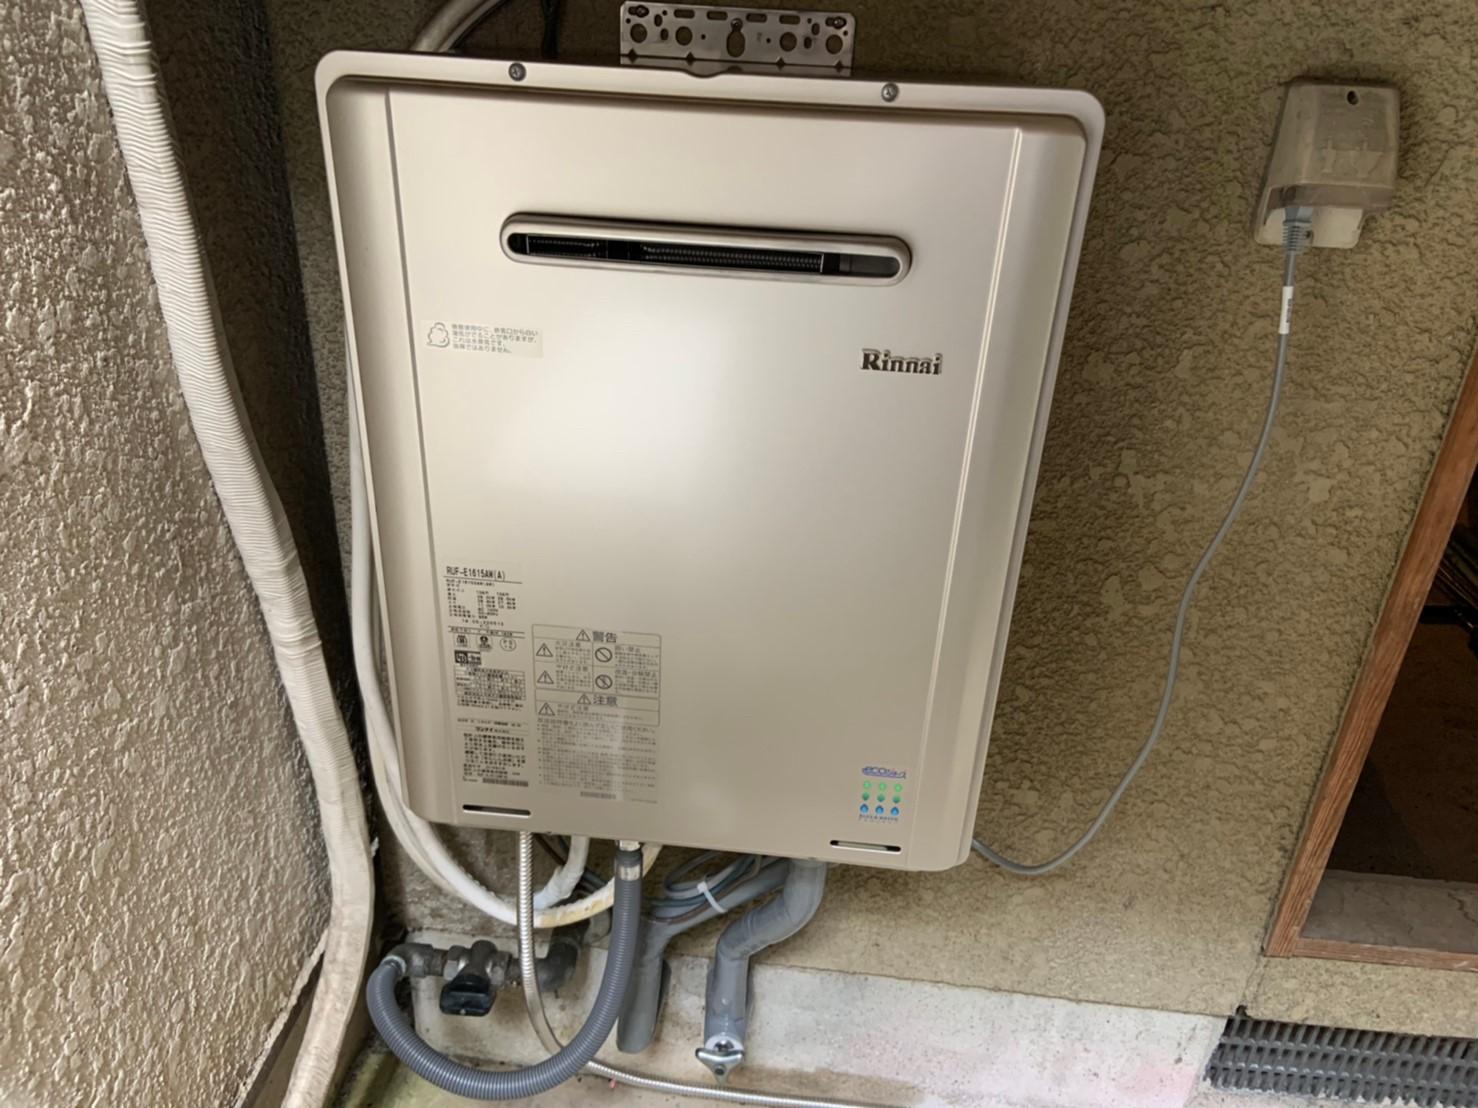 ノーリツ従来型ガス給湯器からエコジョーズへ交換(RUF-E1615AW)【京都市北区上賀茂】